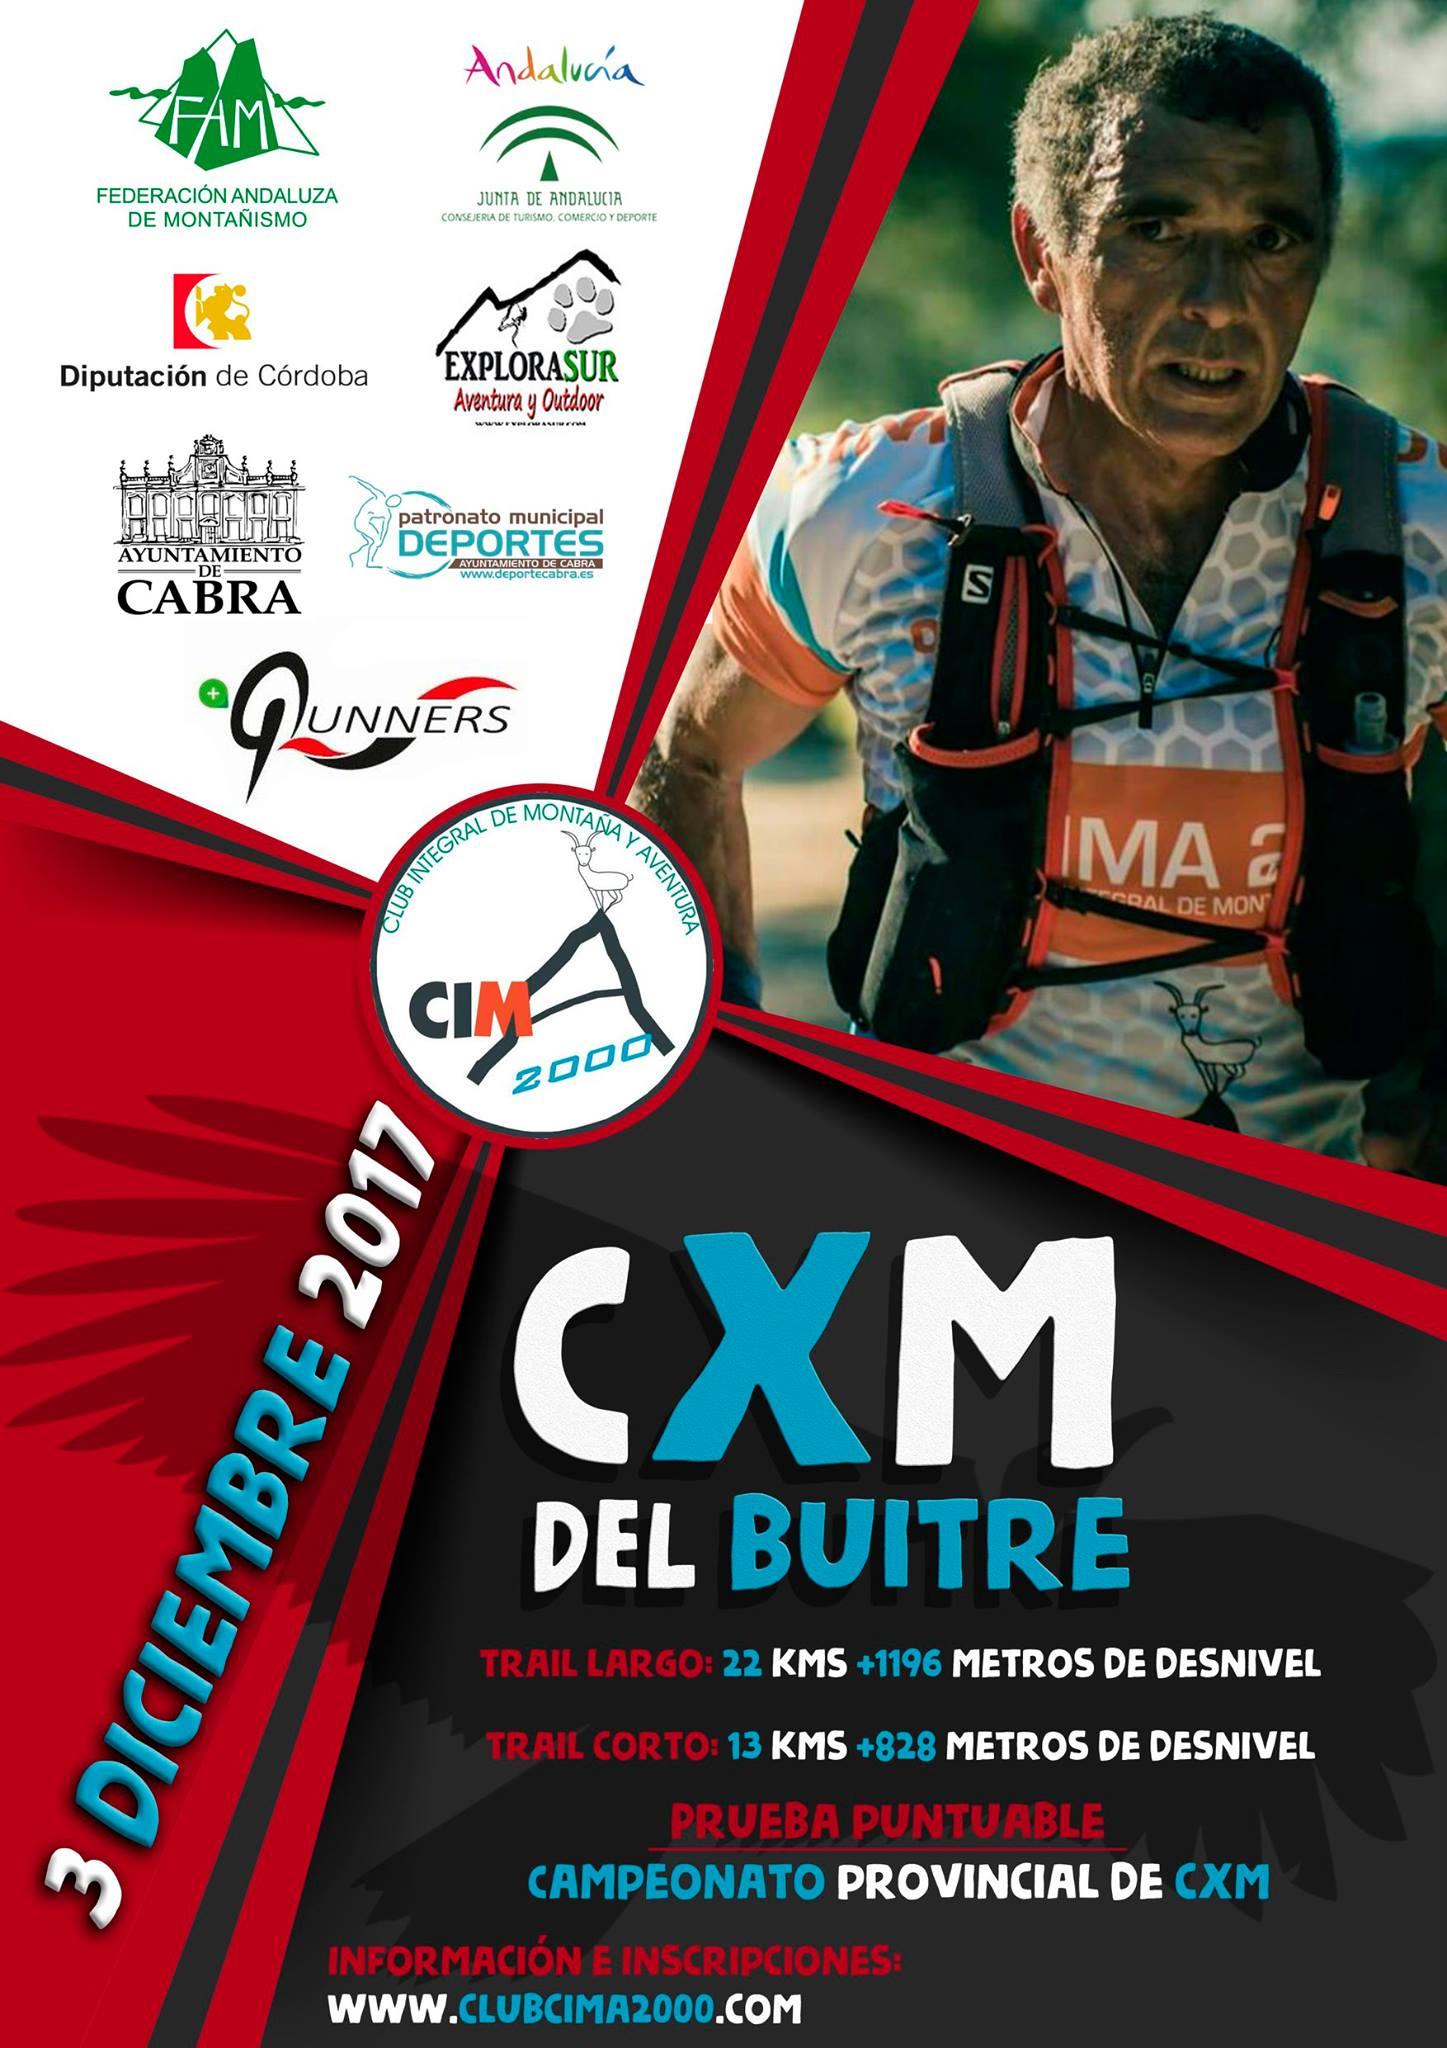 CxM del Buitre - Trail Largo - Sprint Chip